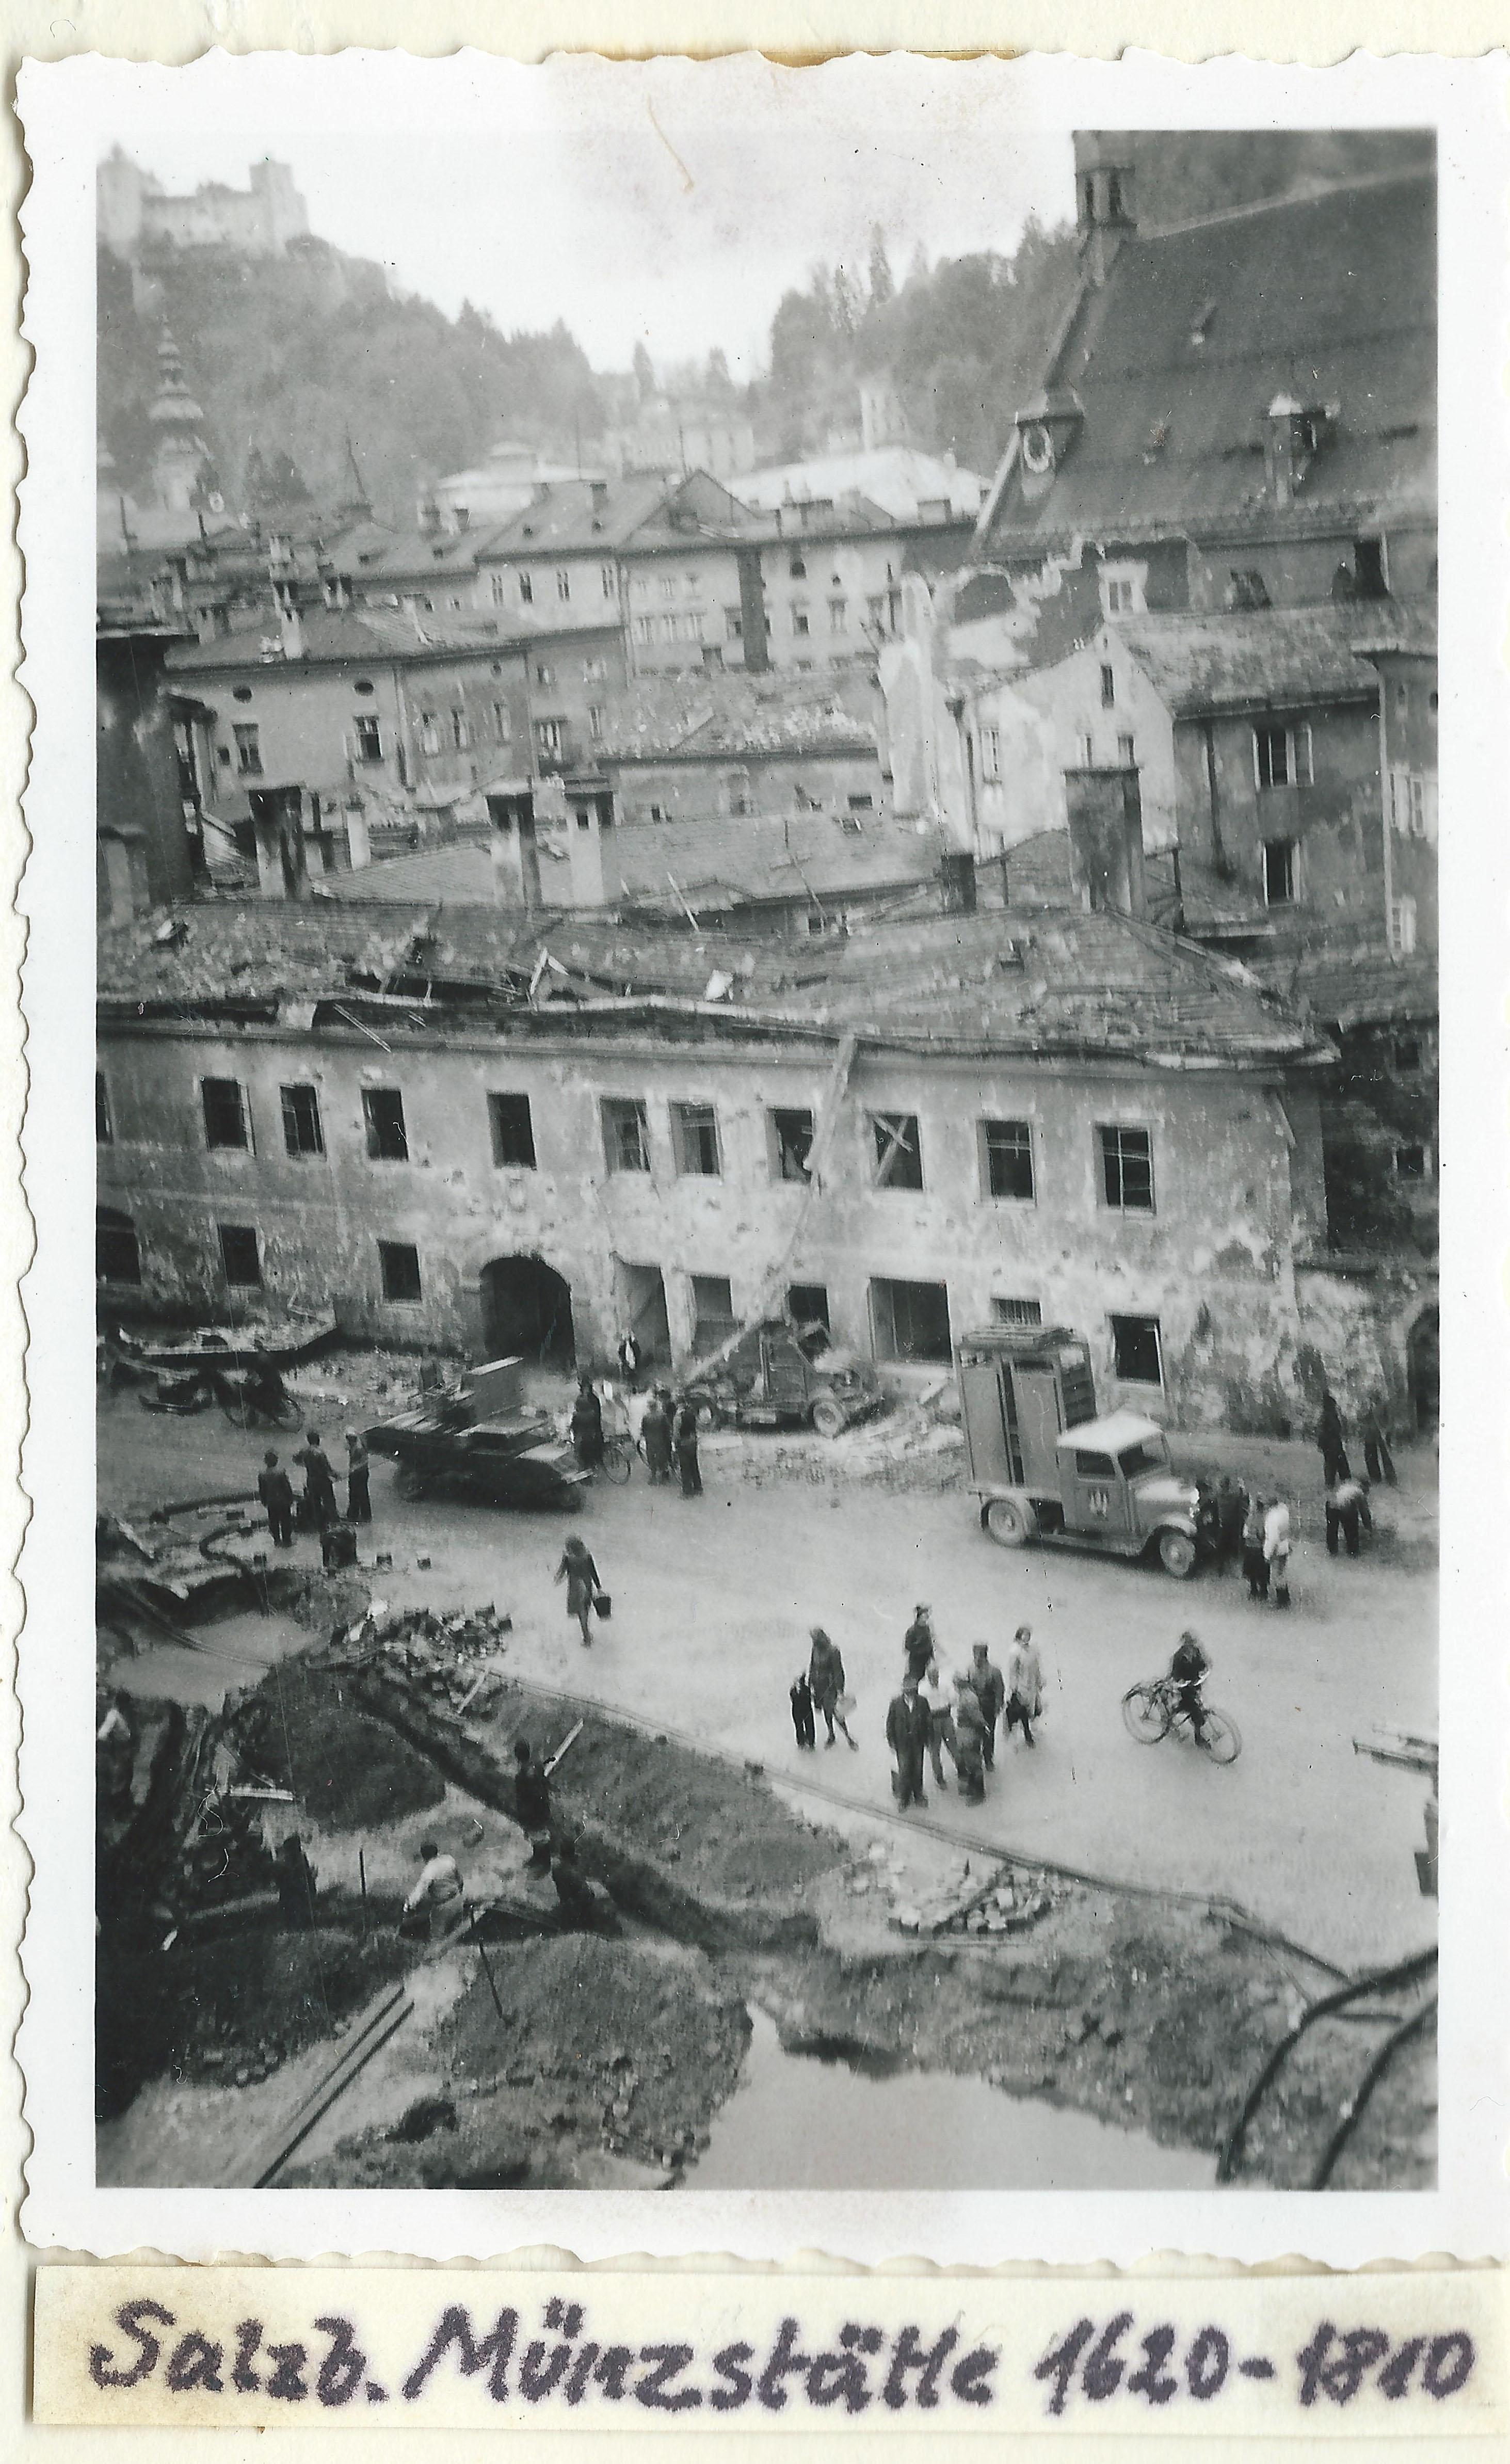 Salzburger Münzstätte 1620 - 1810 (-1945)